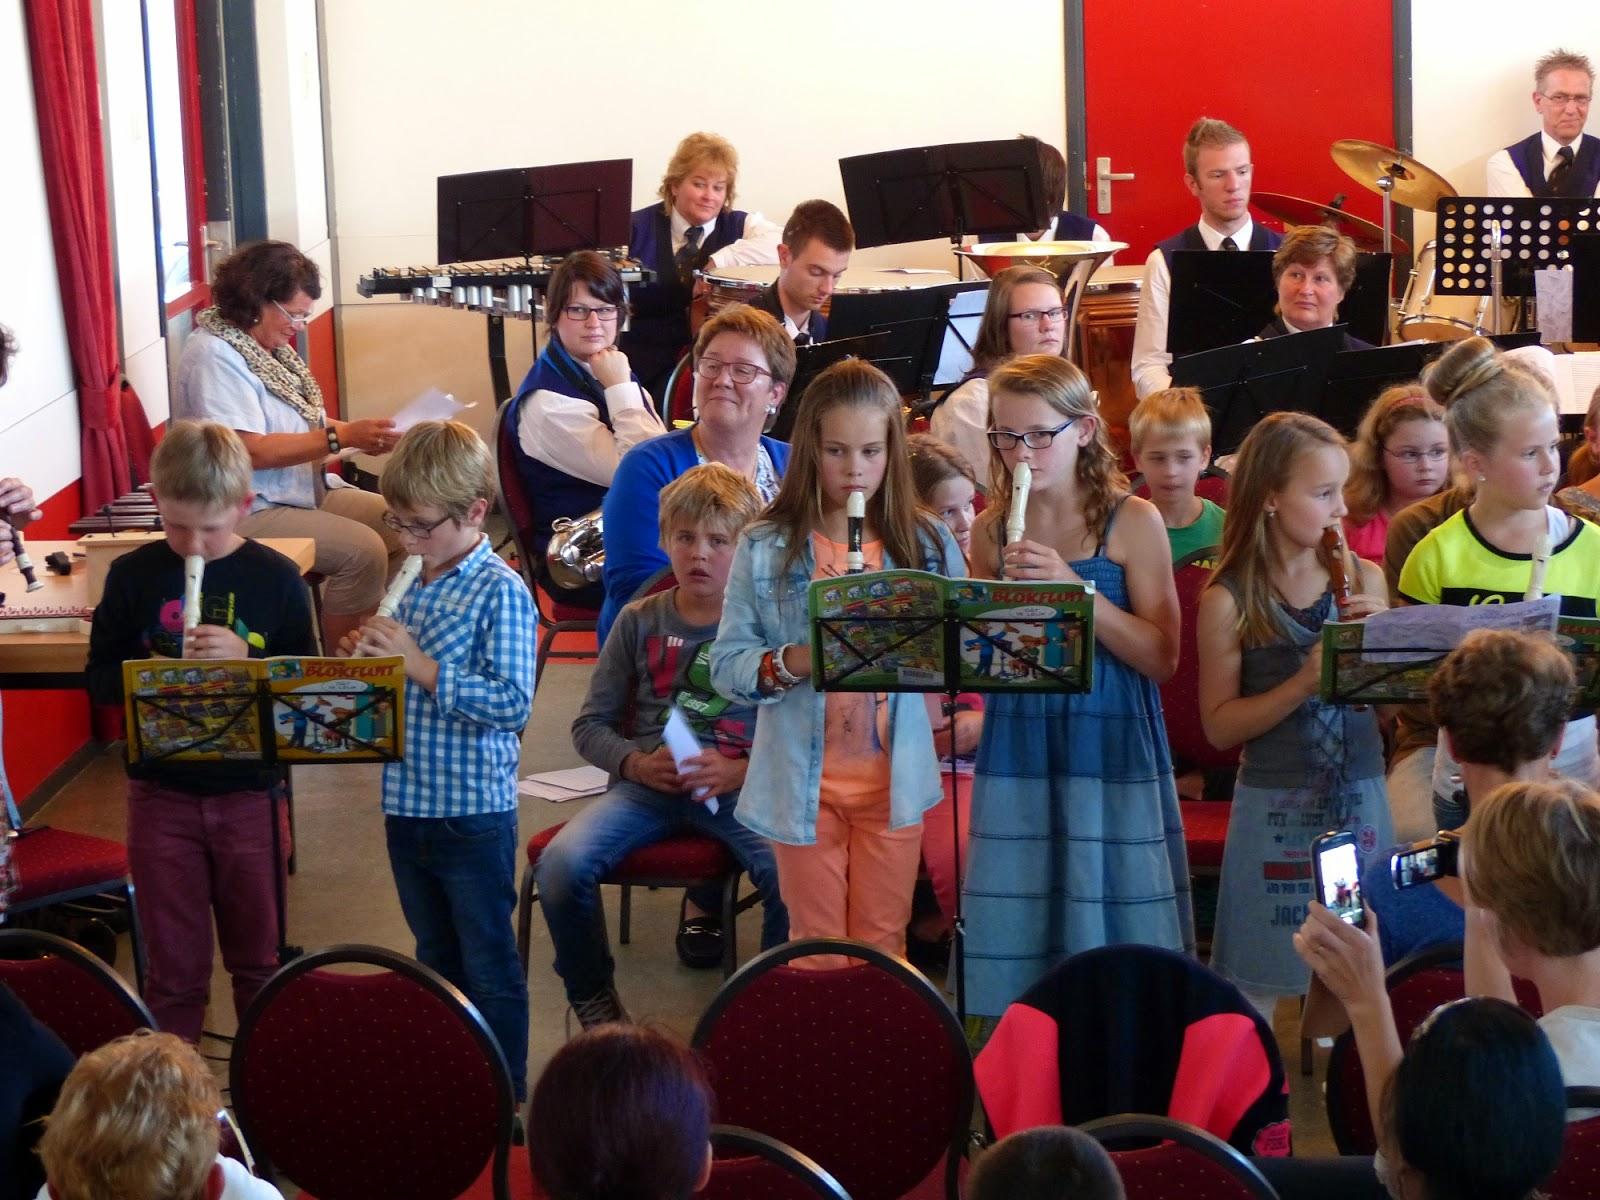 Concordia - Album 2014-06 - MIDS (Muziek in de scholen)